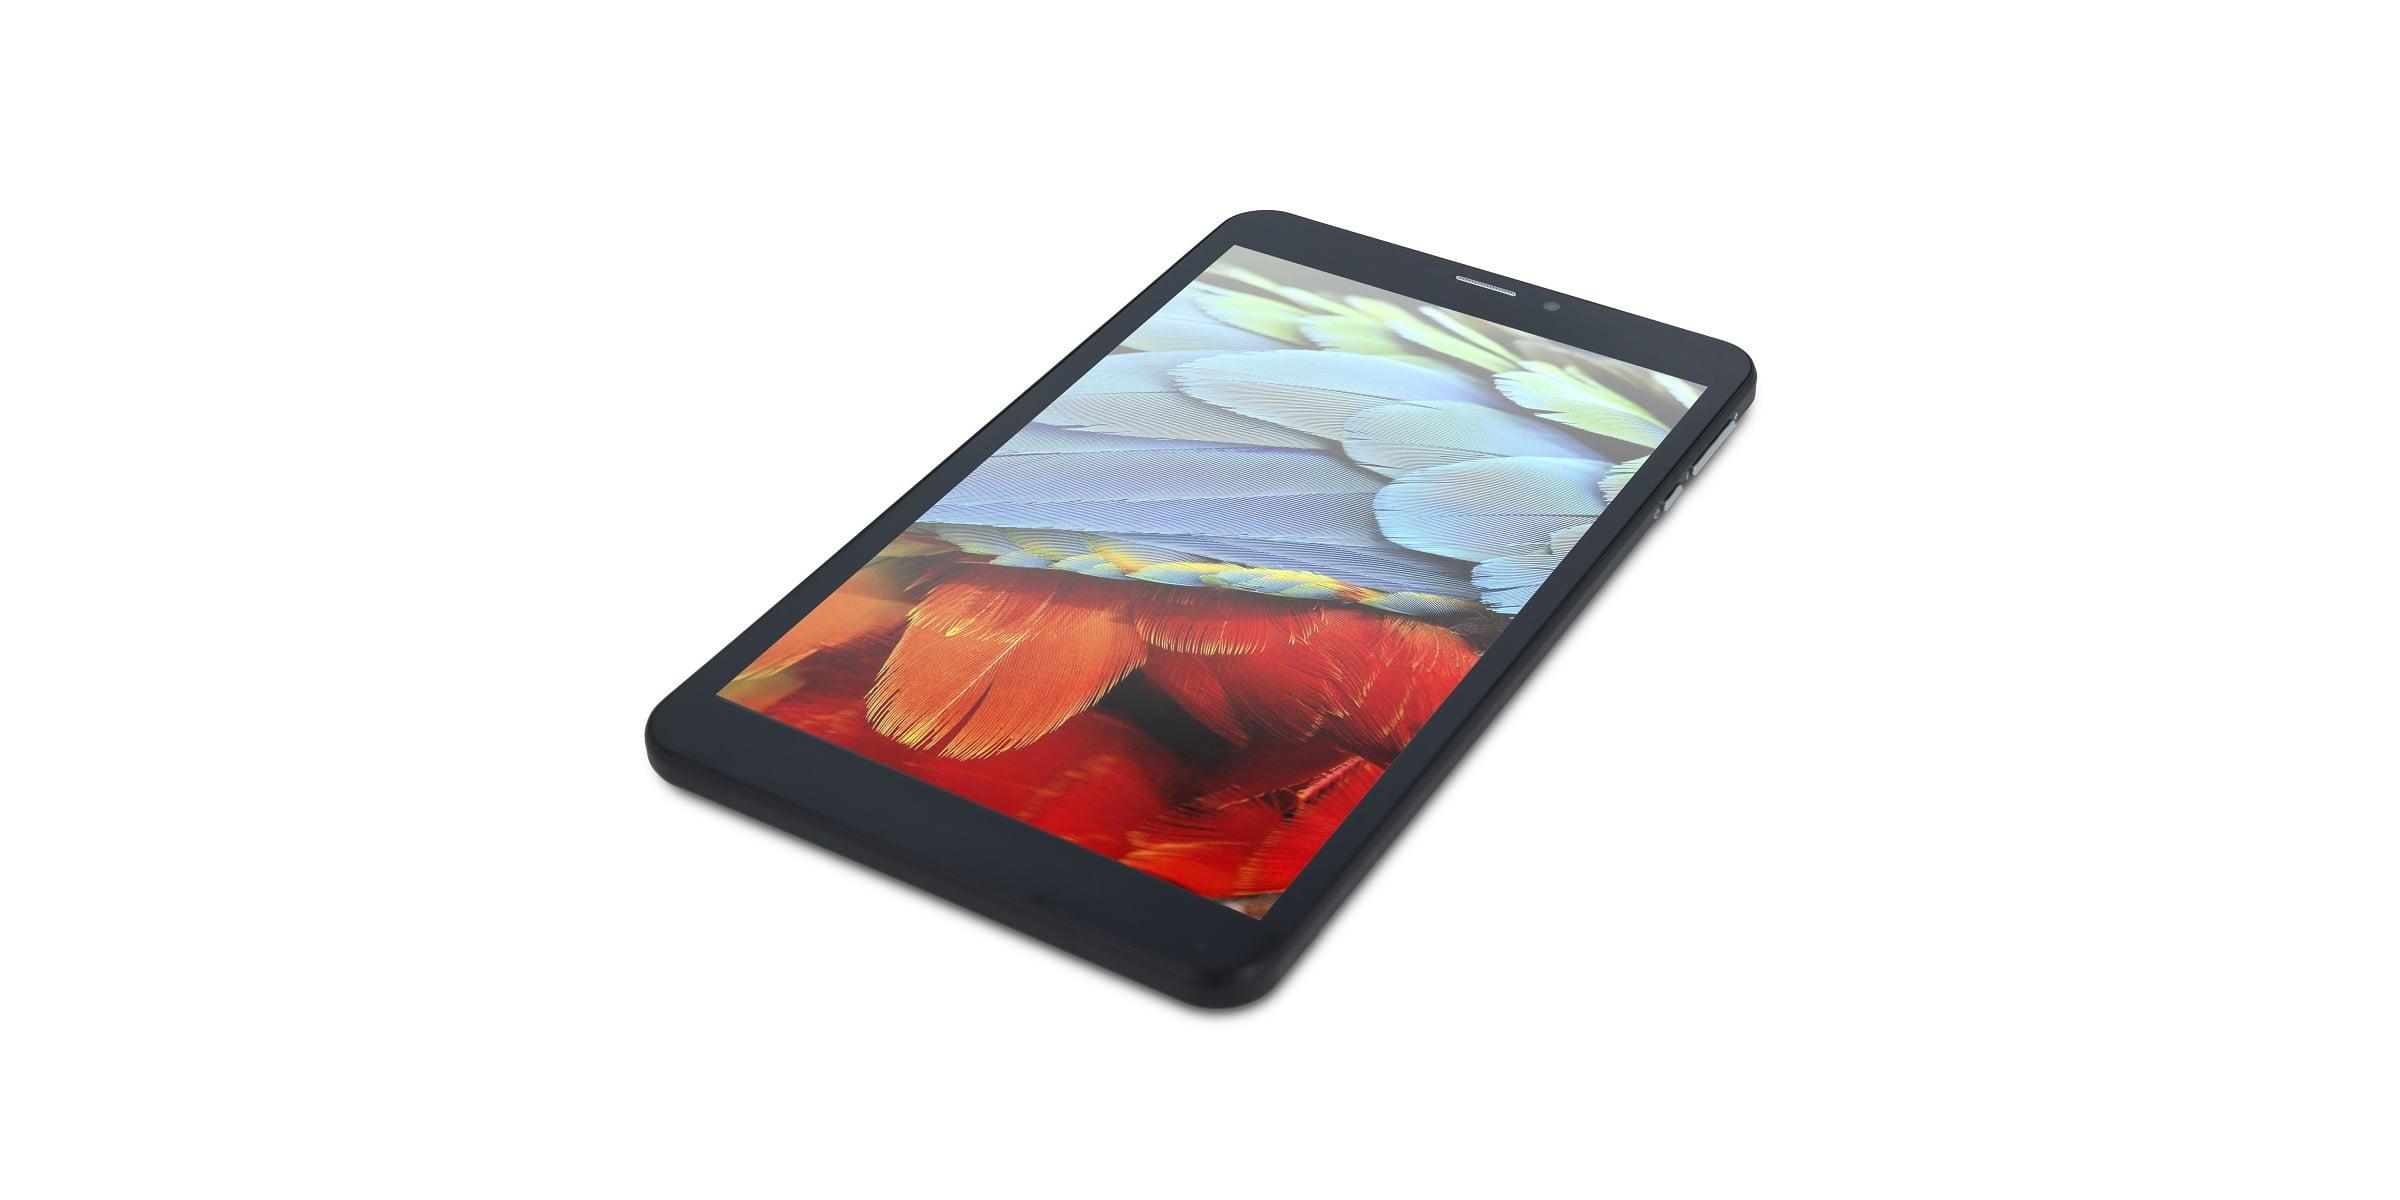 SmartView 8 LTE - niedrogi tablet z 8-calowym ekranem, możliwością dzwonienia, LTE, GPS i Dual SIM 19